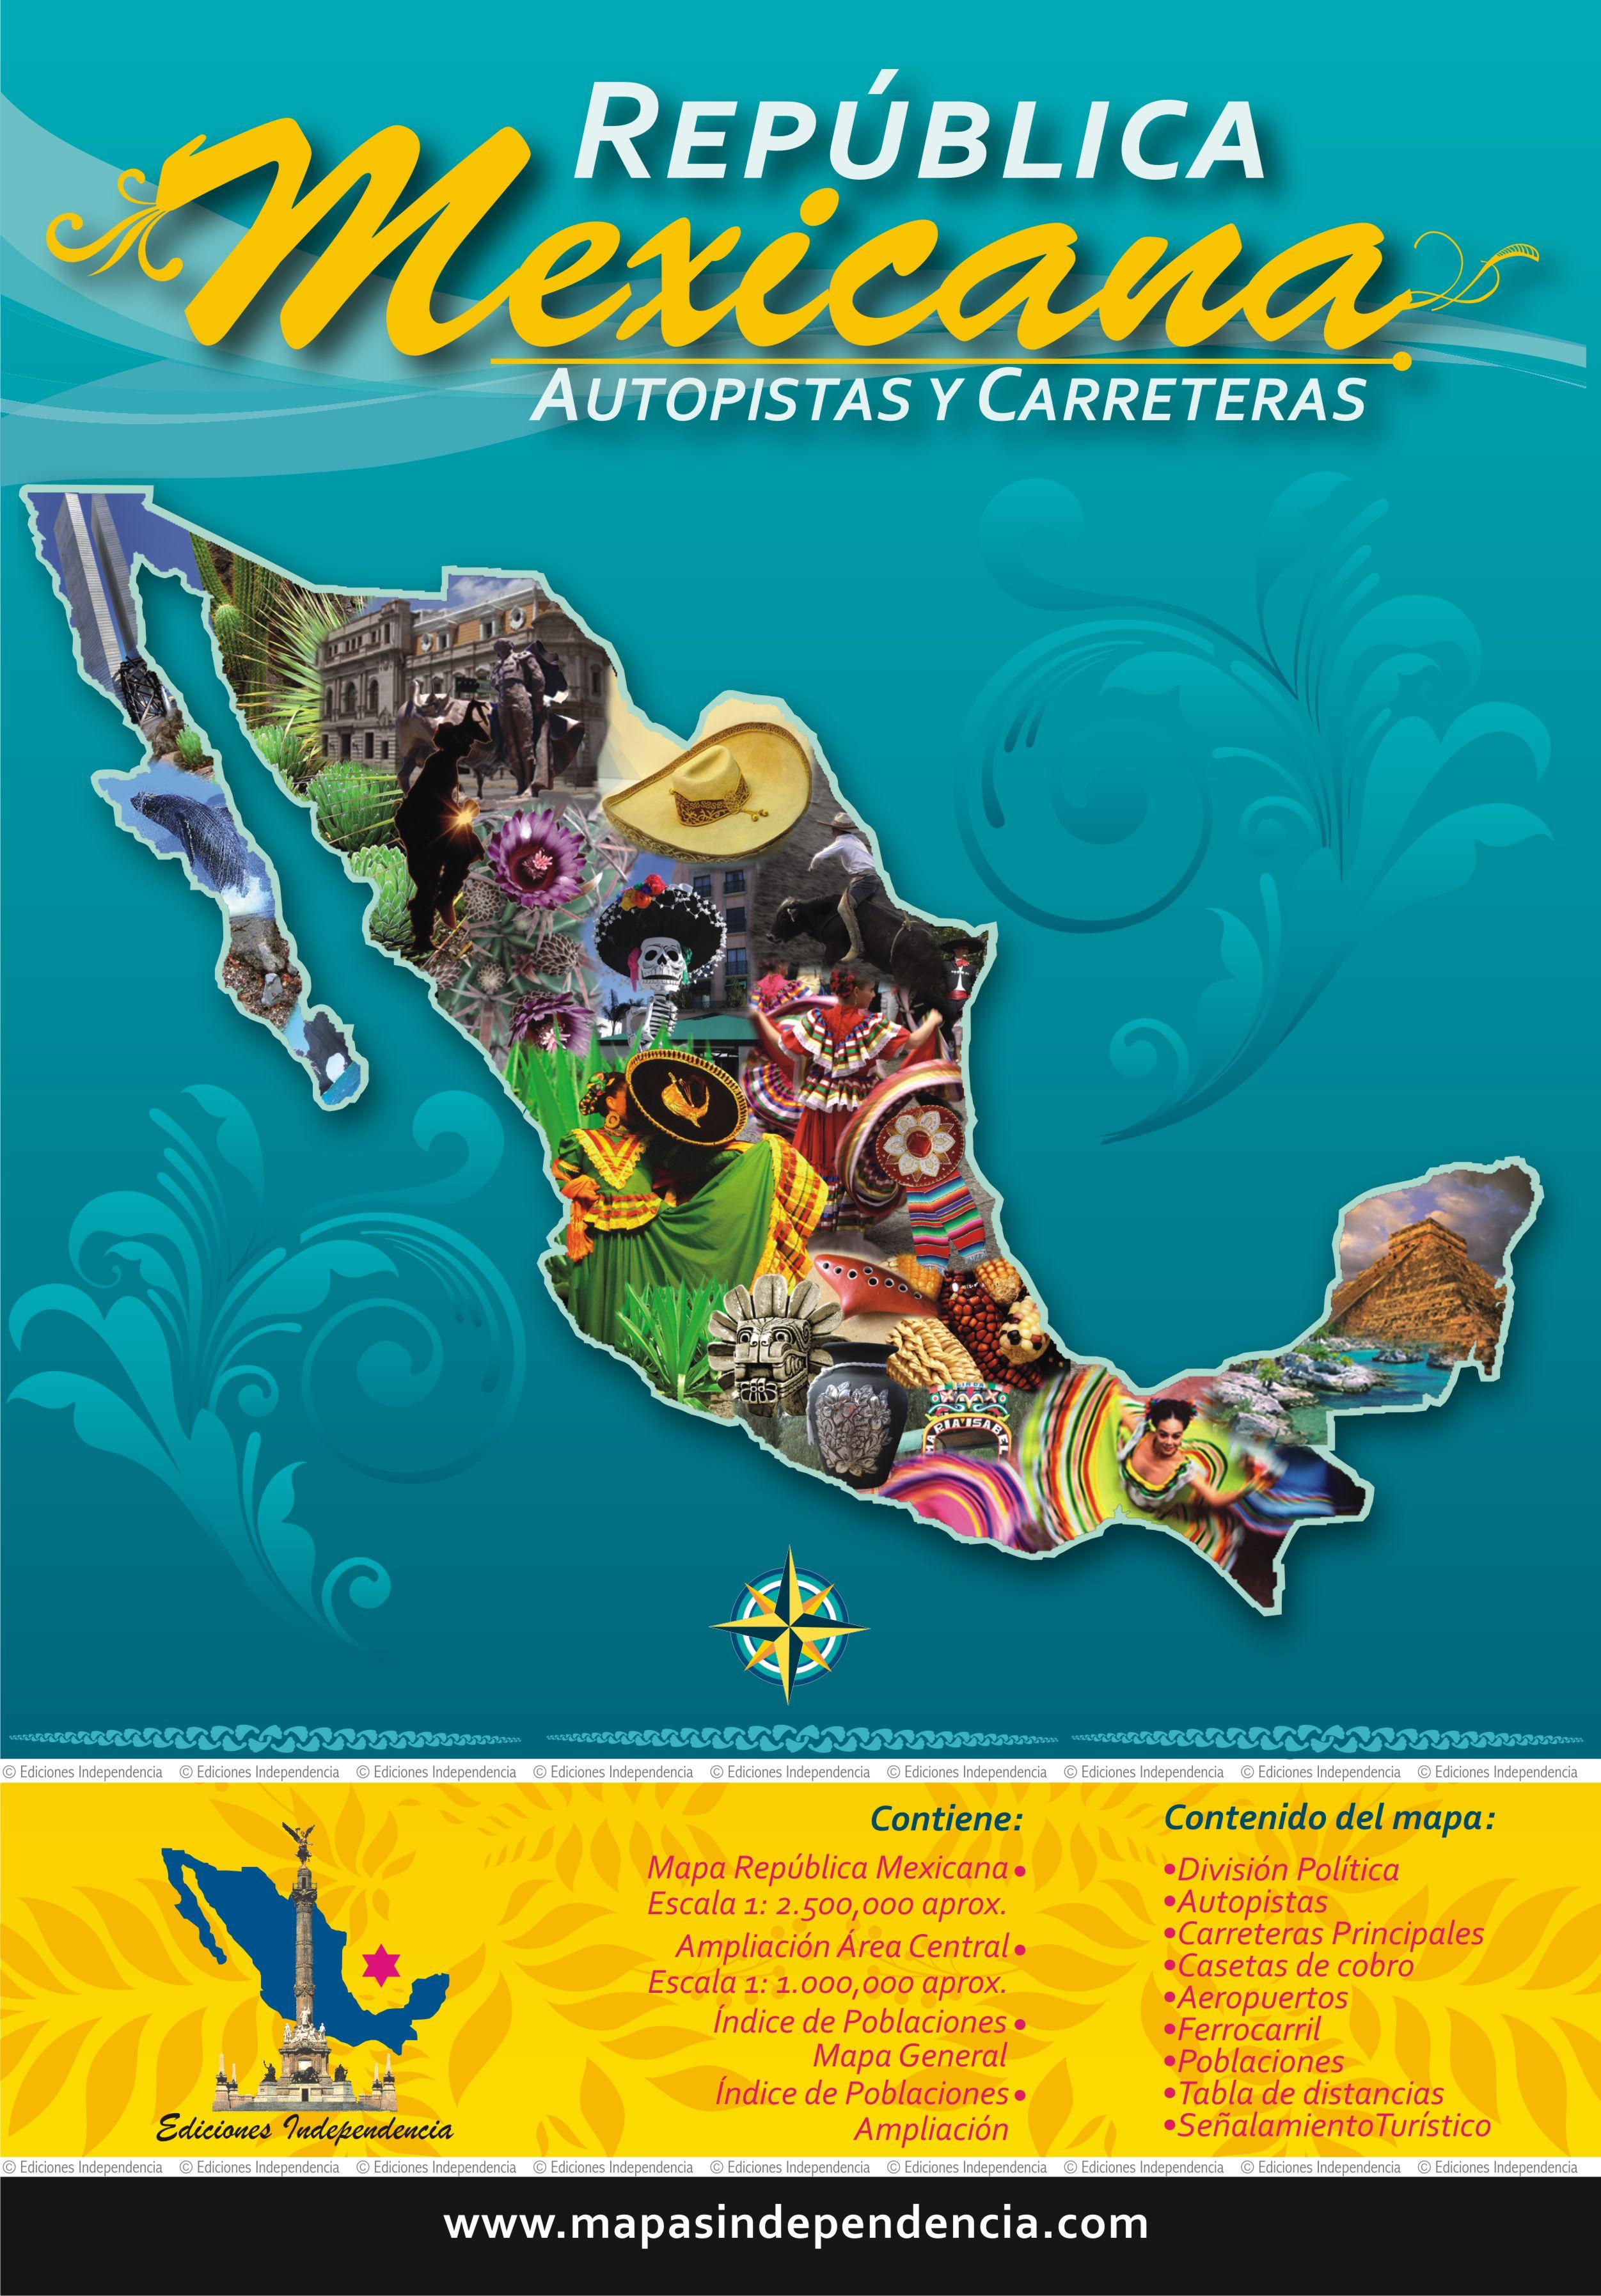 República Mexicana Autopistas Y Carreteras Mapas Independencia